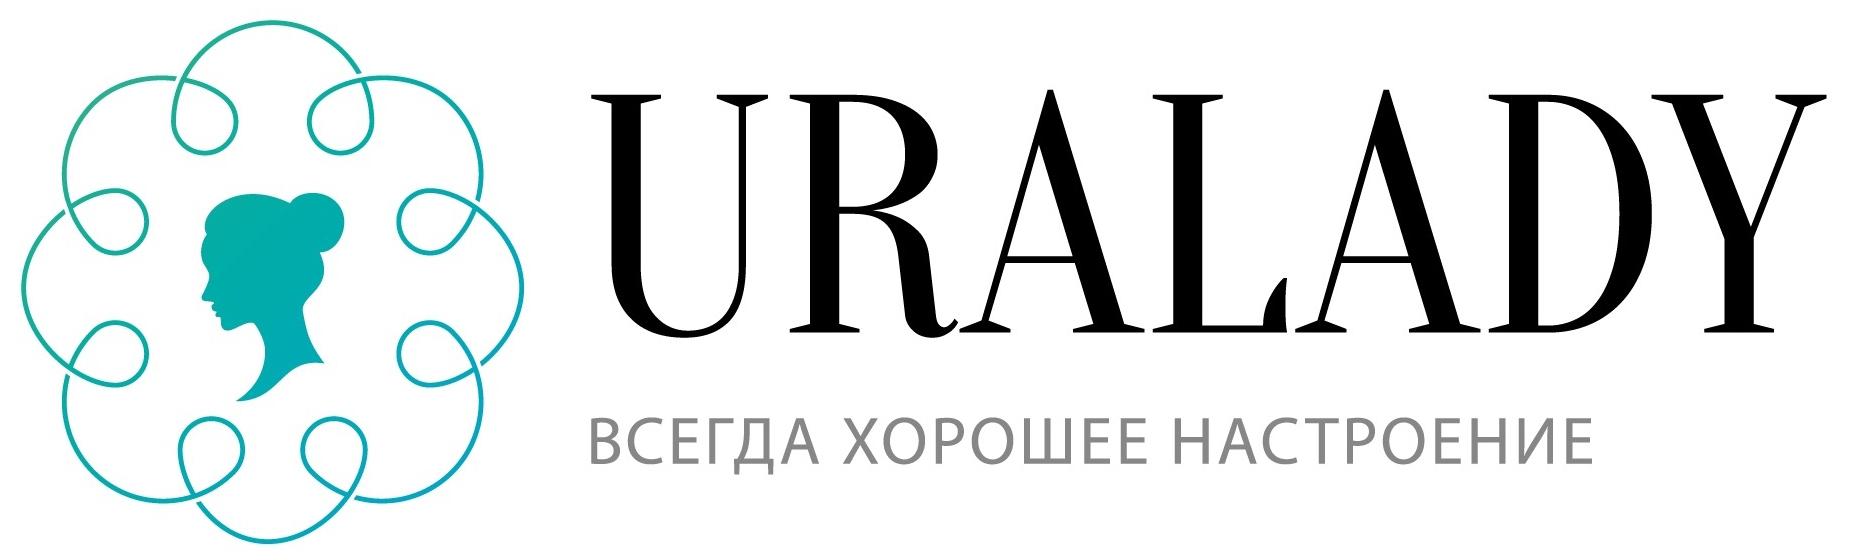 Uralady женский журнал